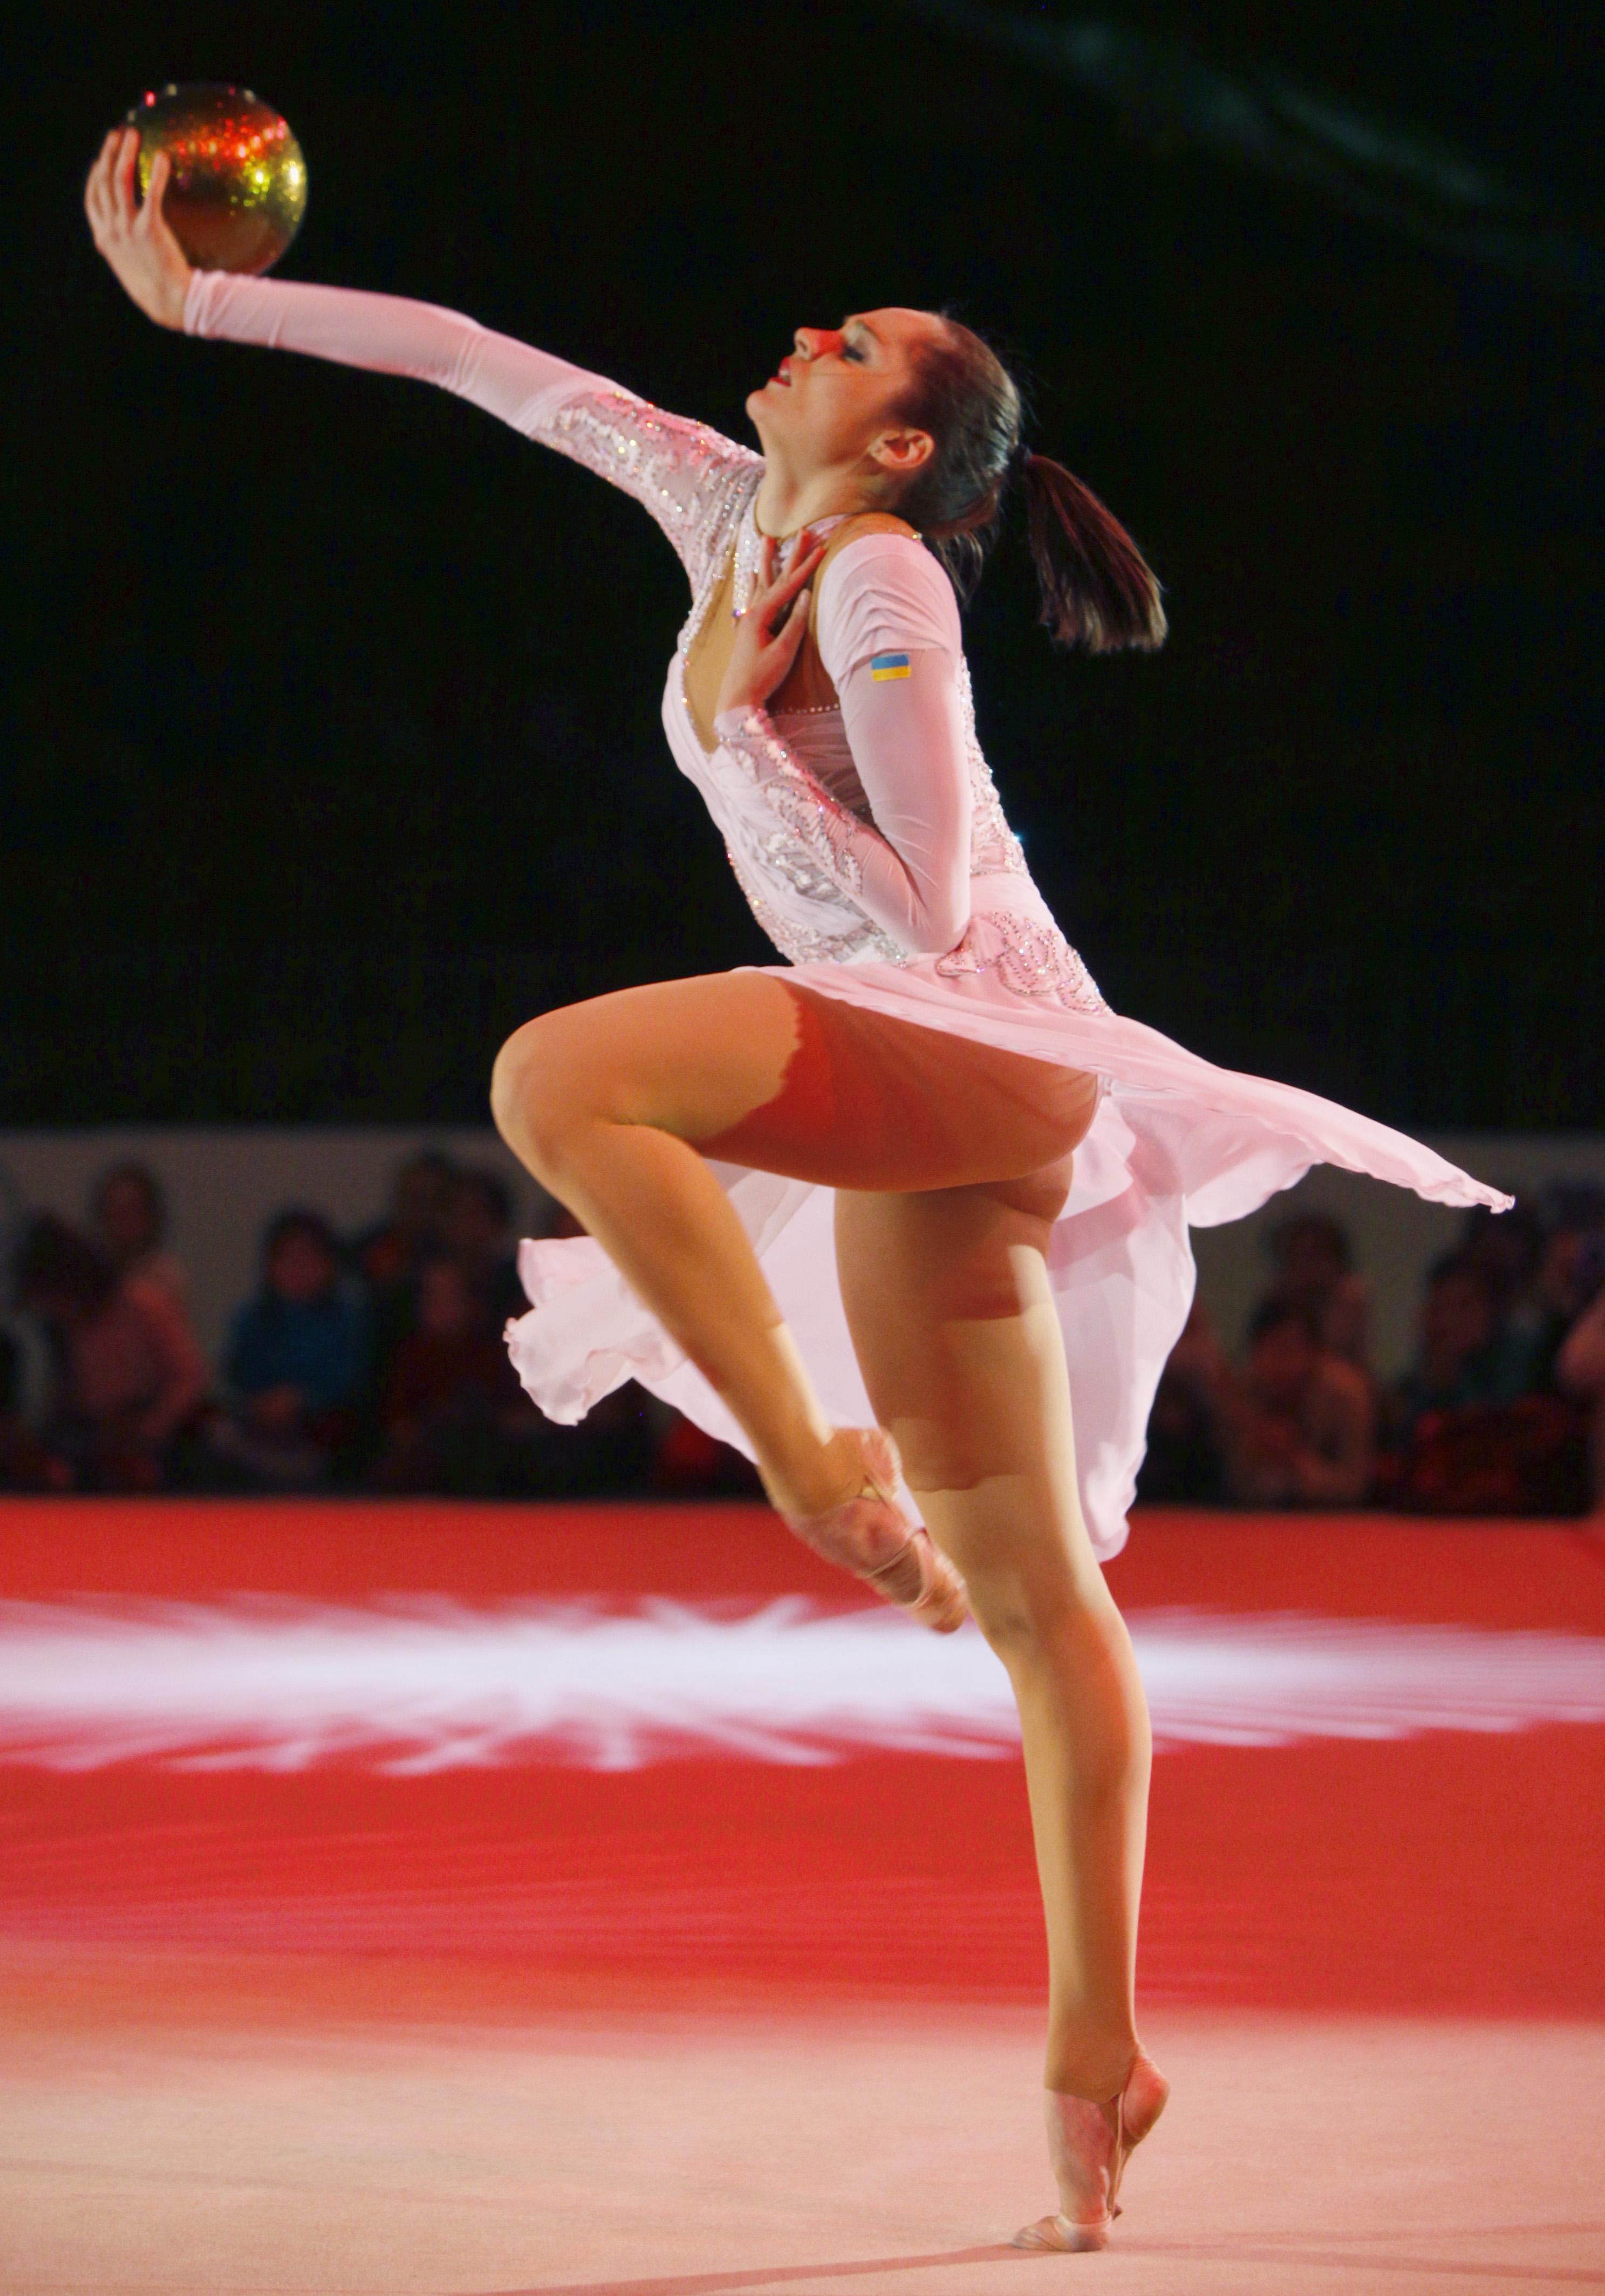 Девушки в спорте: ТОП-7 сексуальных видов - Мужской портал MPort